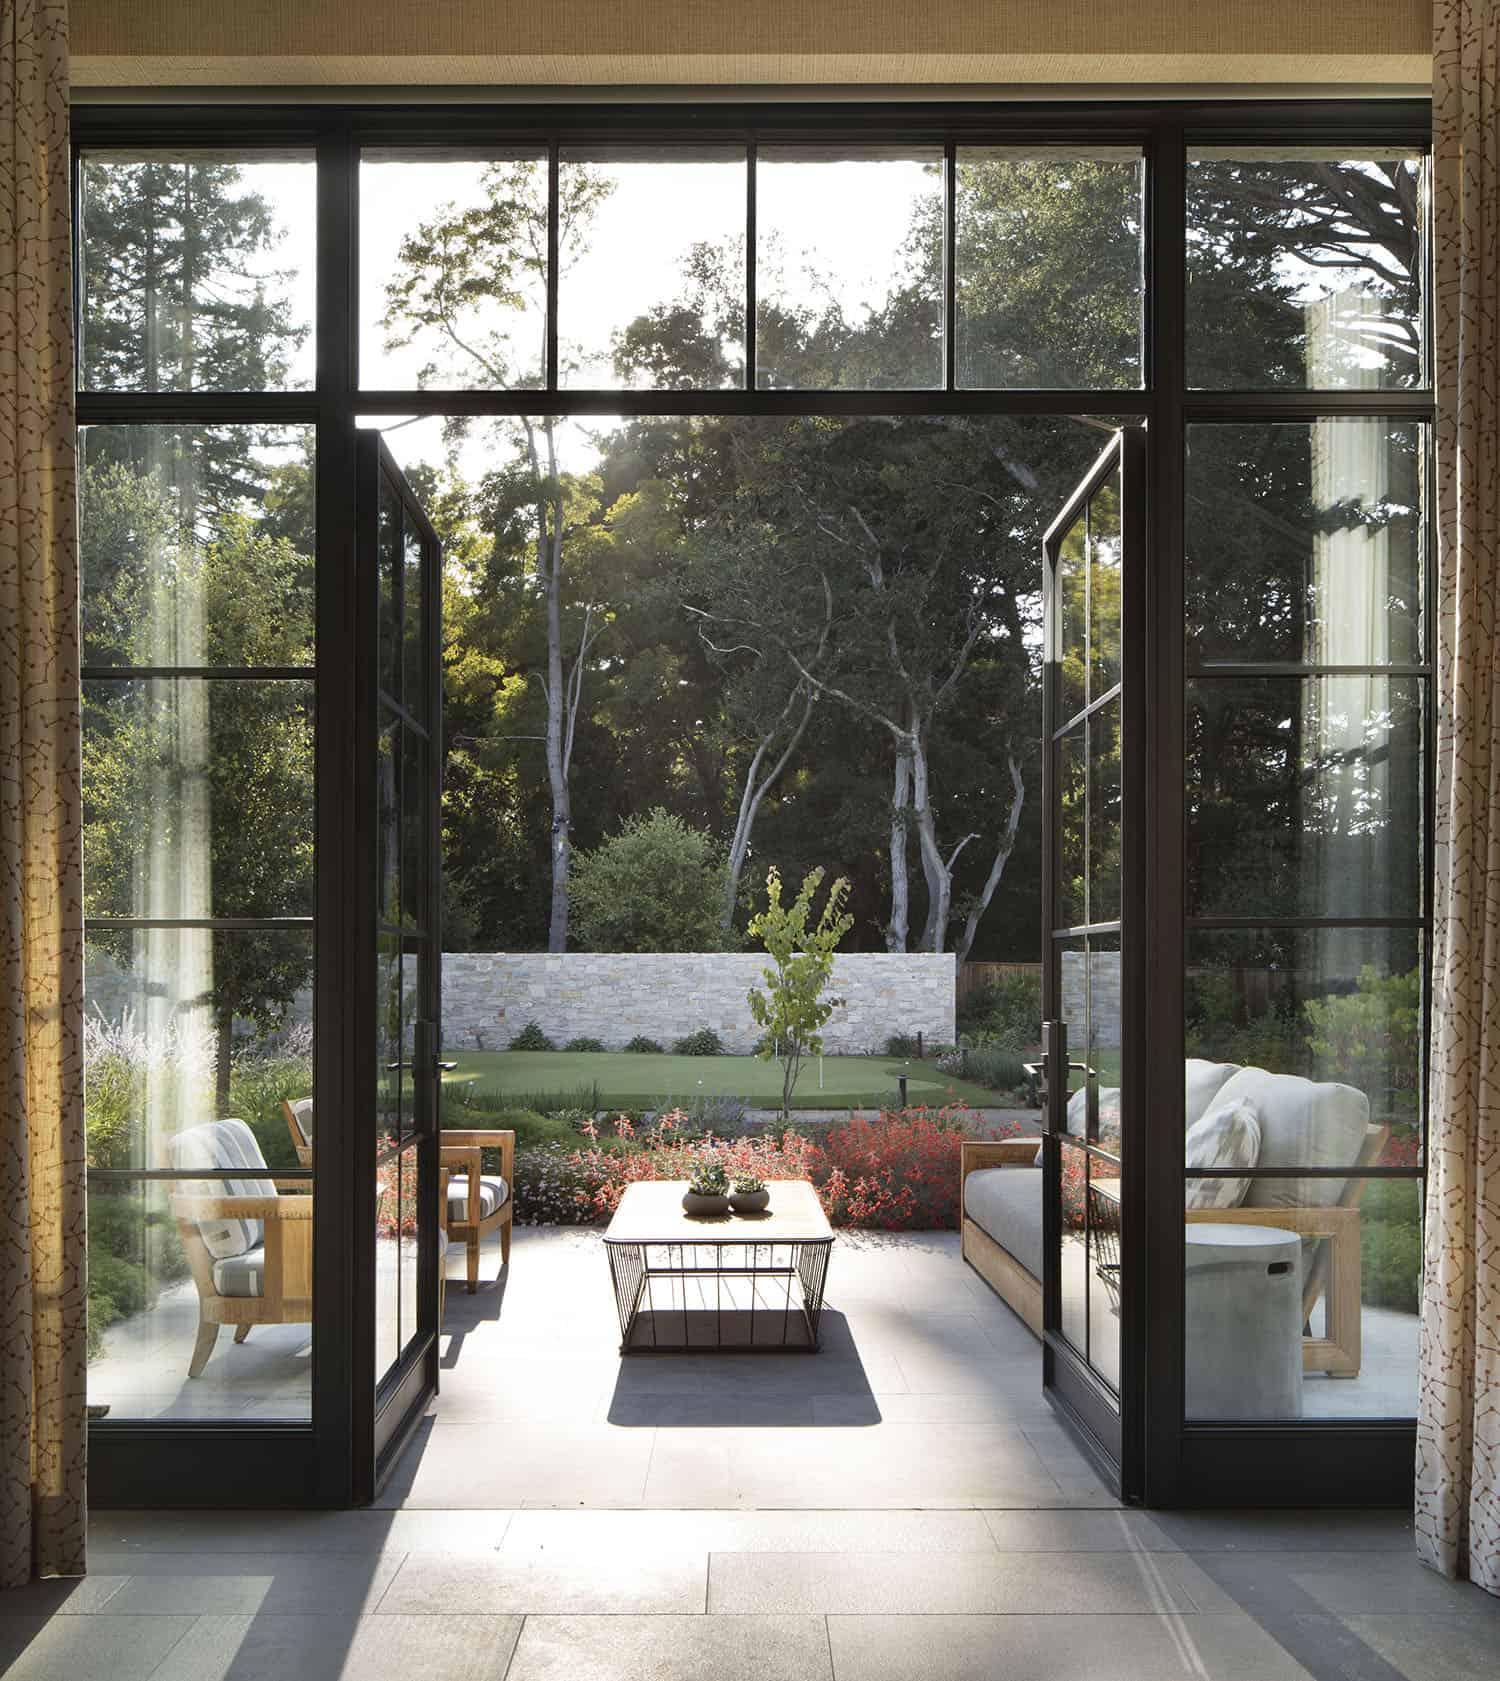 entrée-patio-style transitionnel